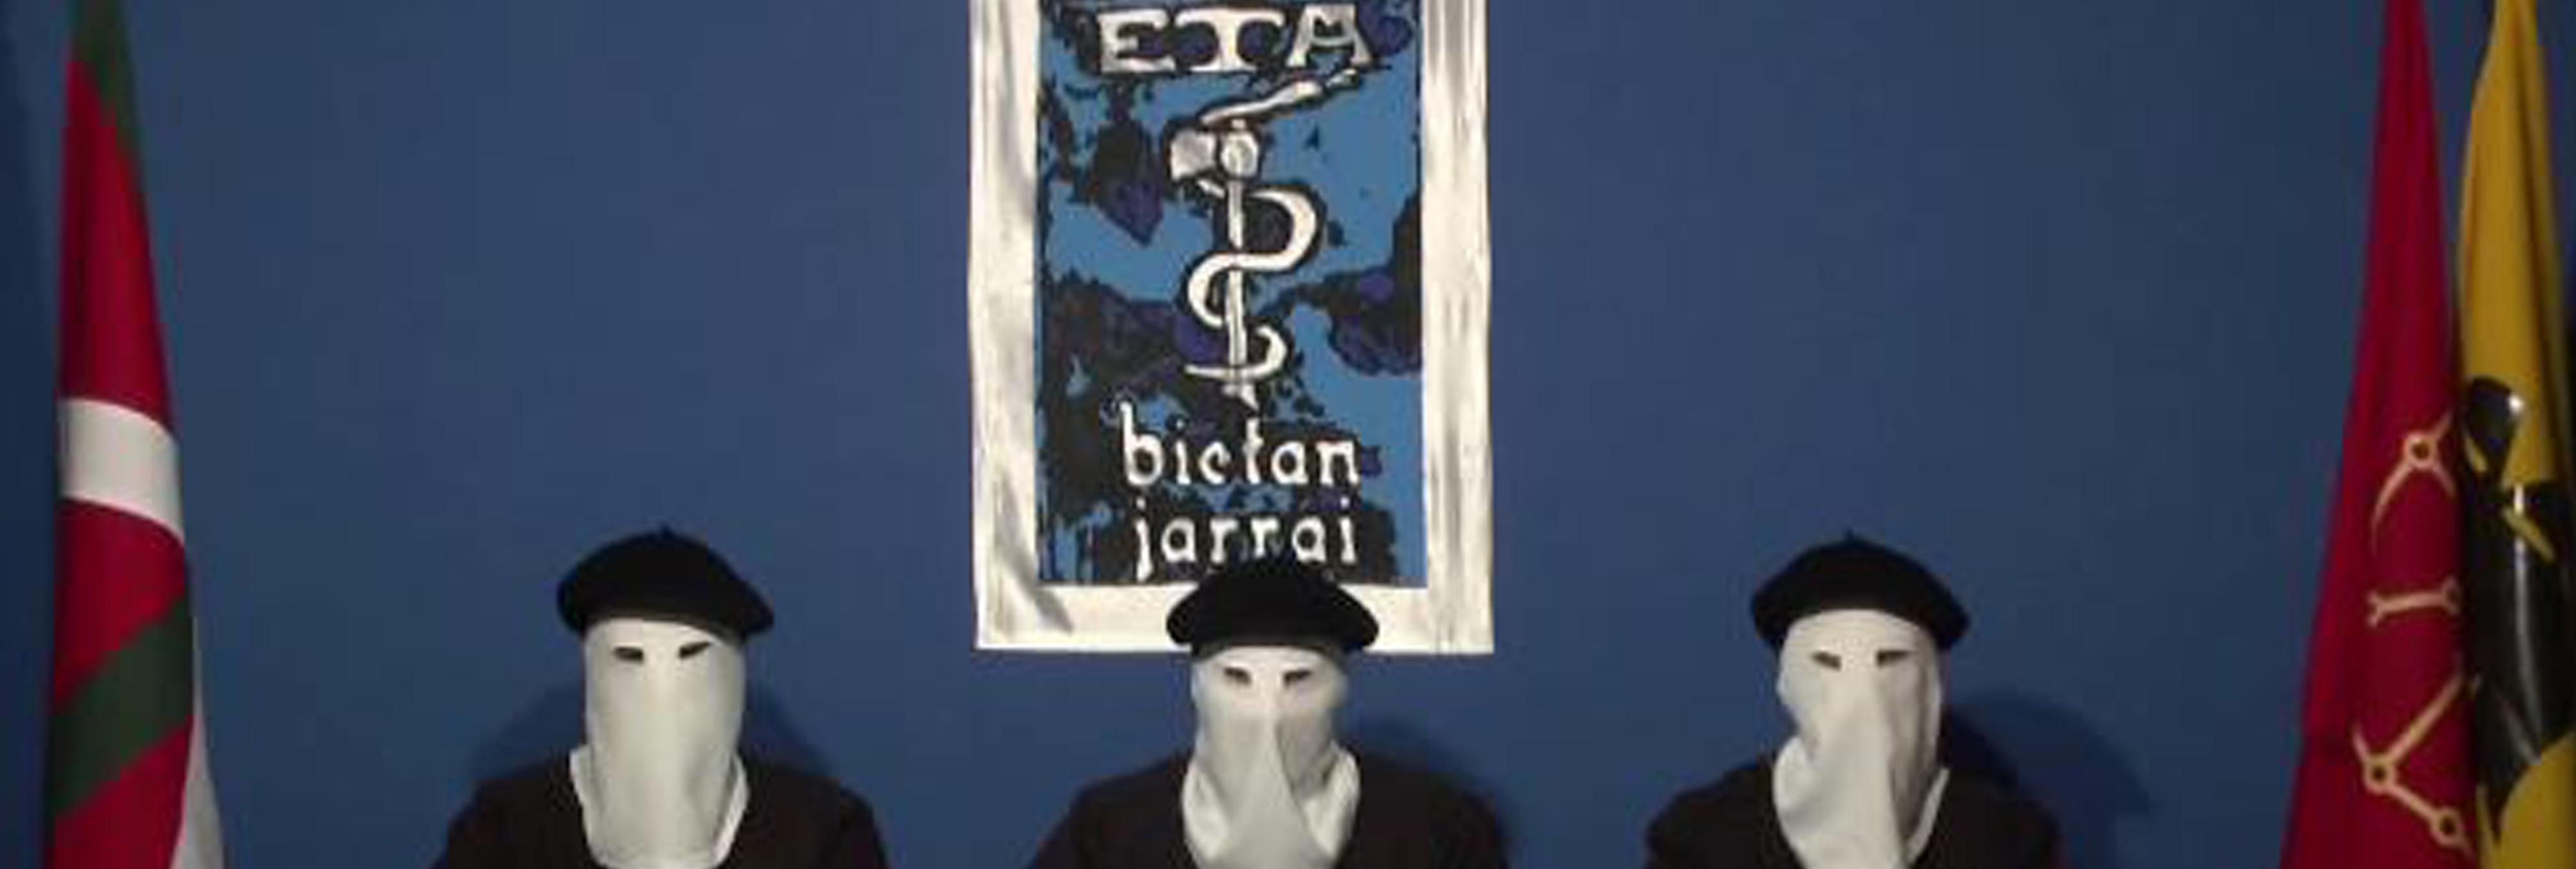 Cinco años sin ETA: lo que ha cambiado en España